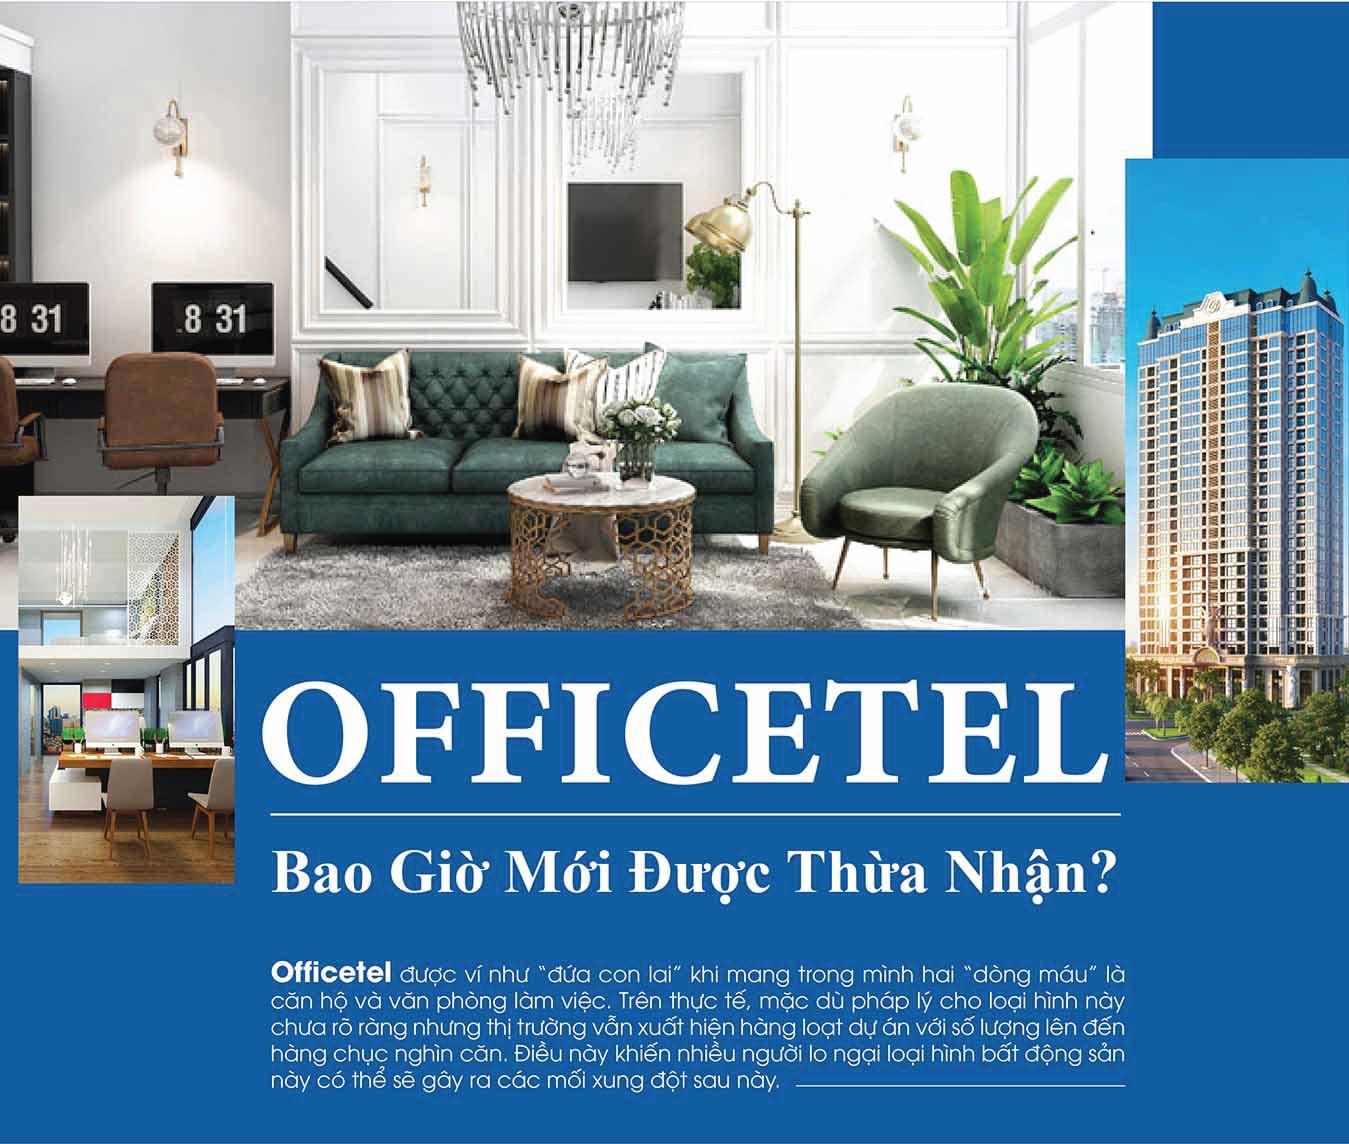 Pháp lý căn hộ Officetel